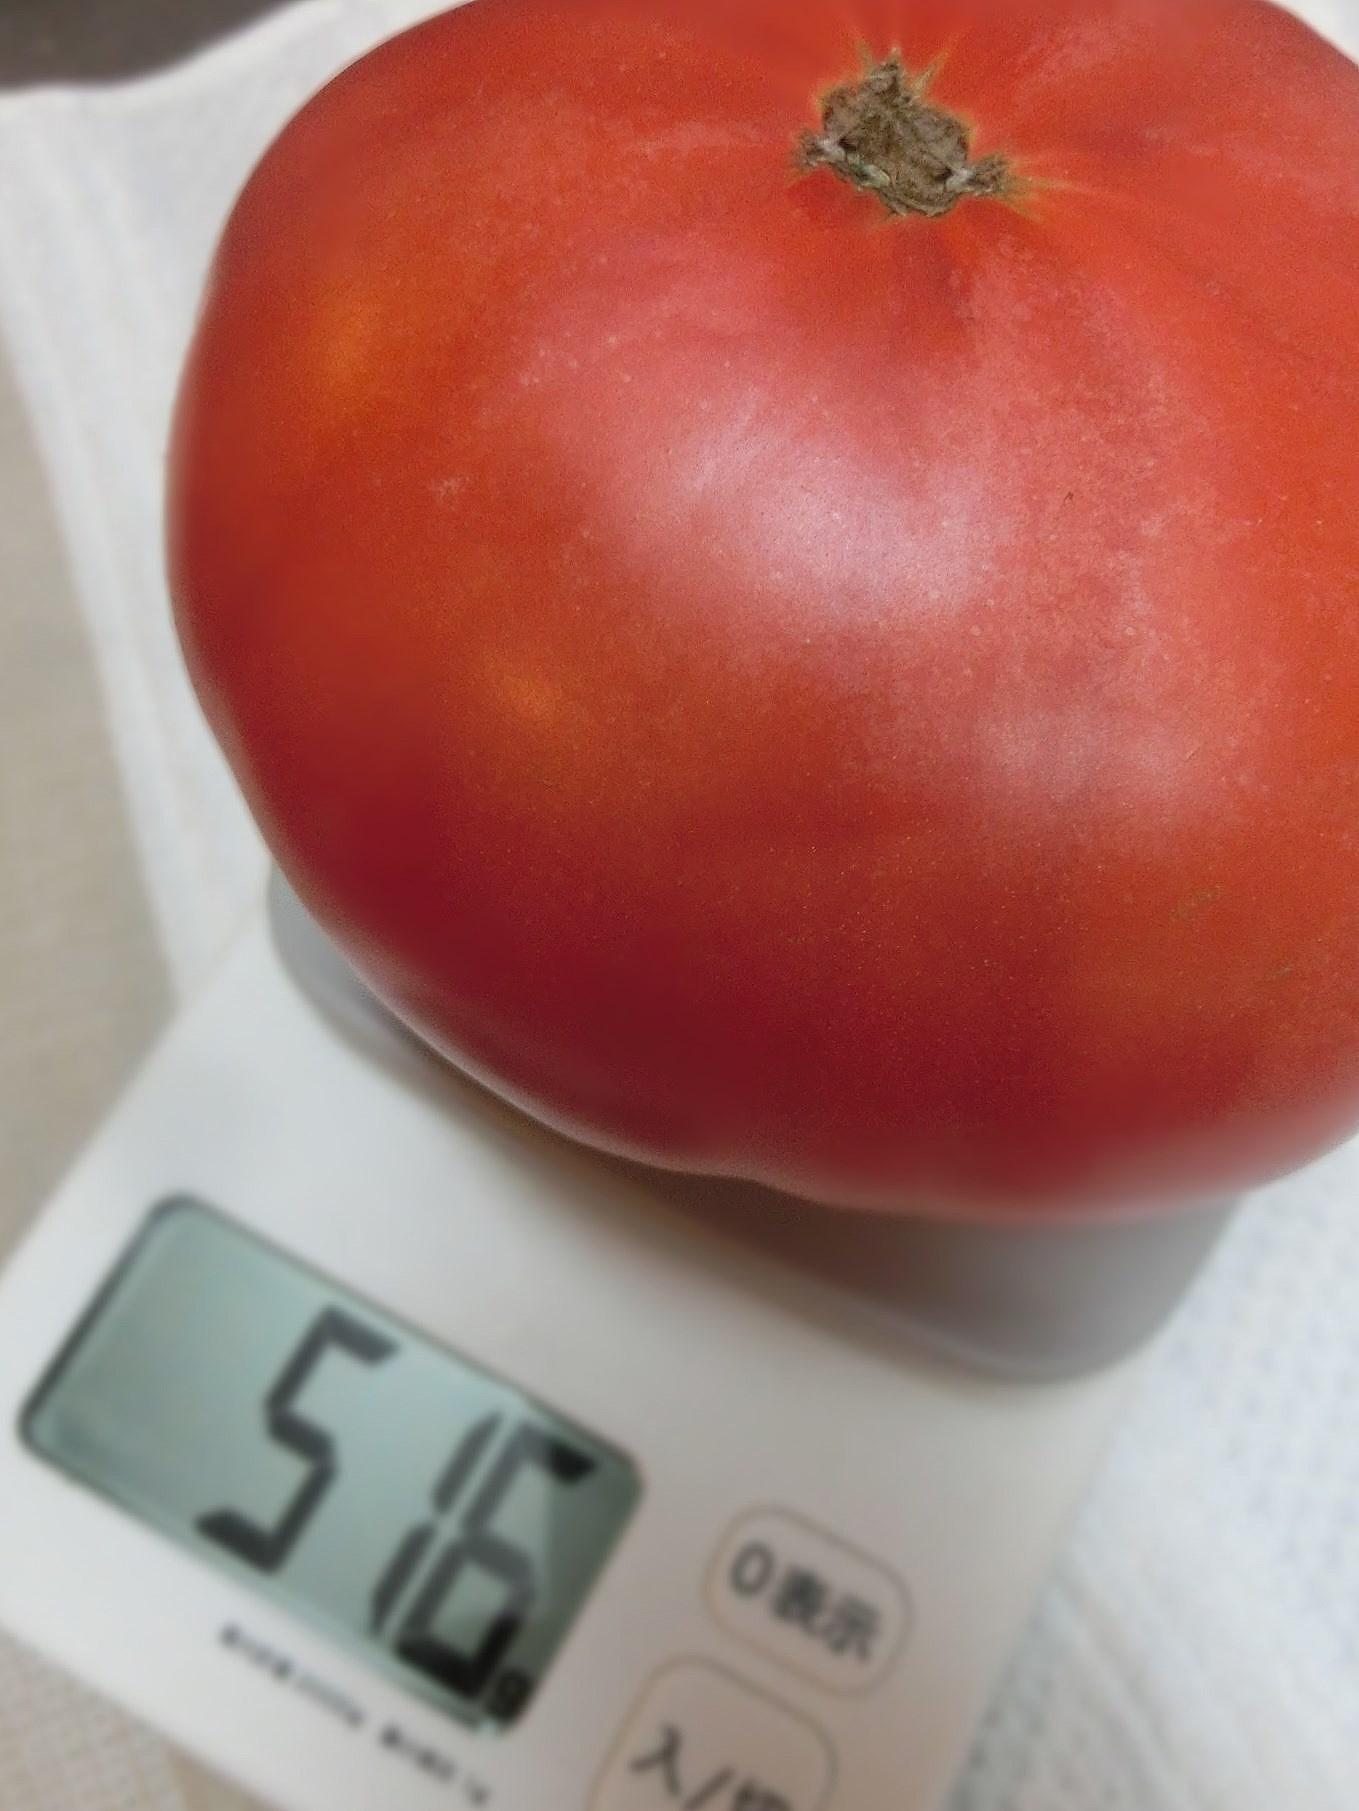 大きなトマトを醤油と砂糖で食べようかな?_e0291149_20373185.jpg